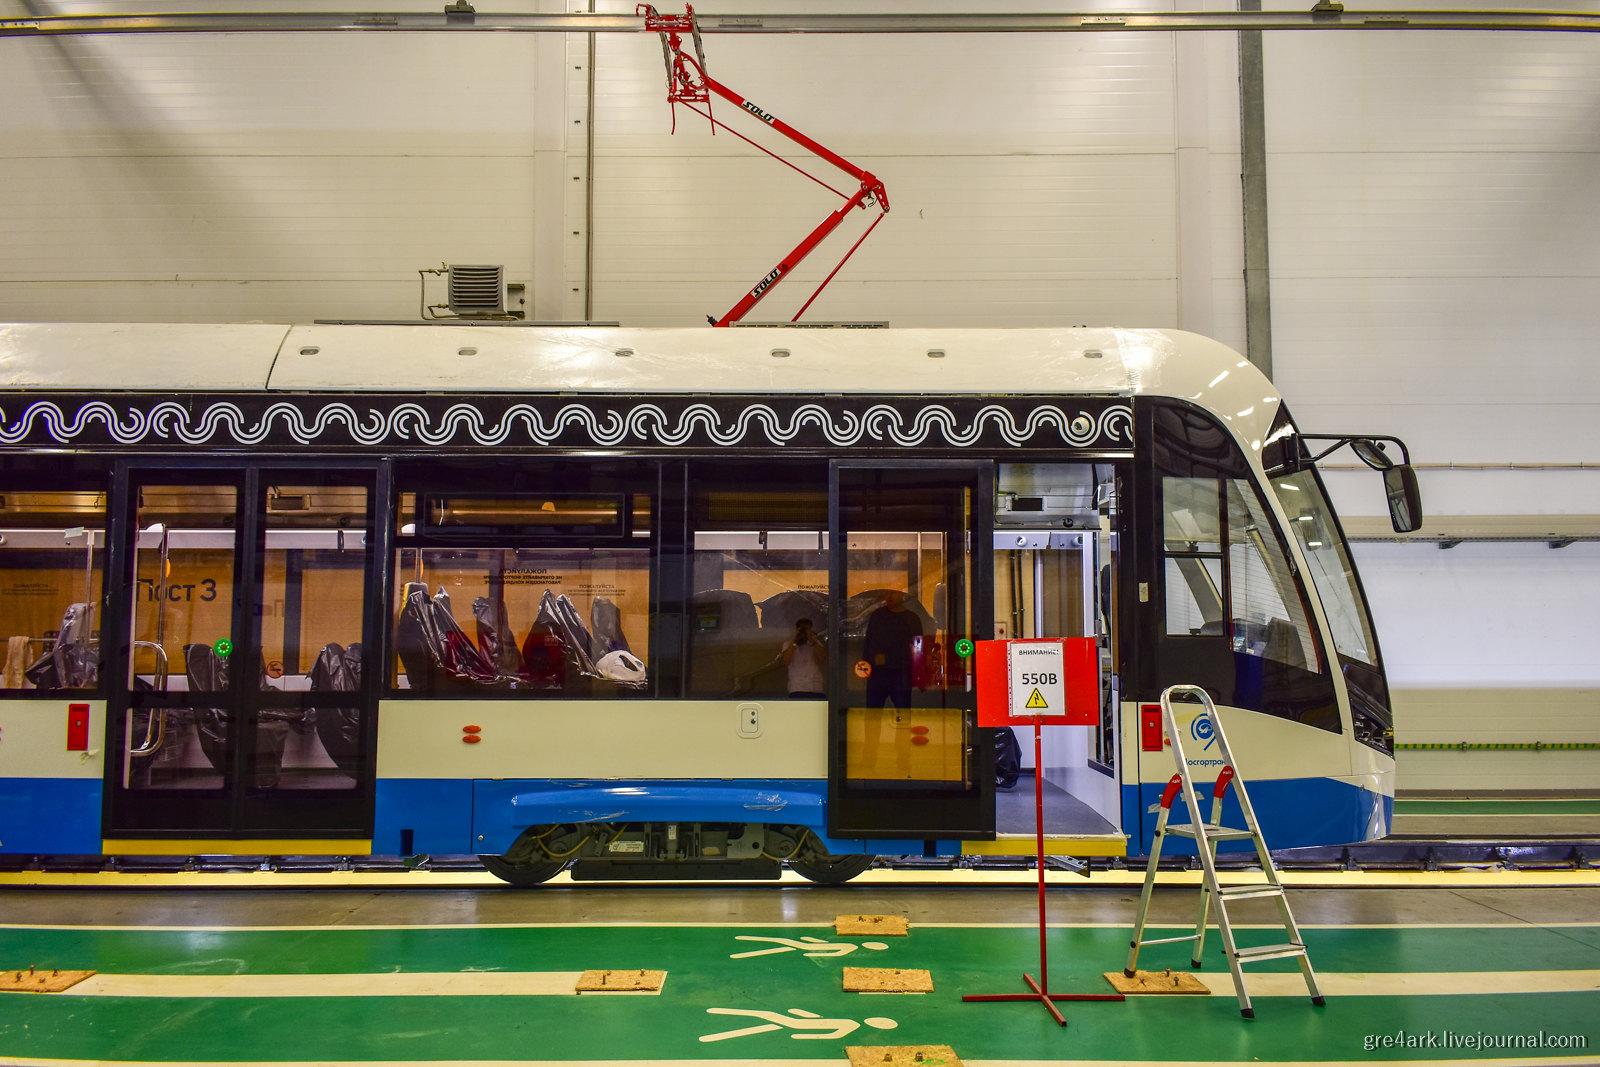 Как собирают трамваи трамваи, собирают, вагоны, движения, здесь, этого, город, трамваев, другой, производство, Дальше, сборки, ставят, проверяют, через, дальше, Всего, салон, производить, стали